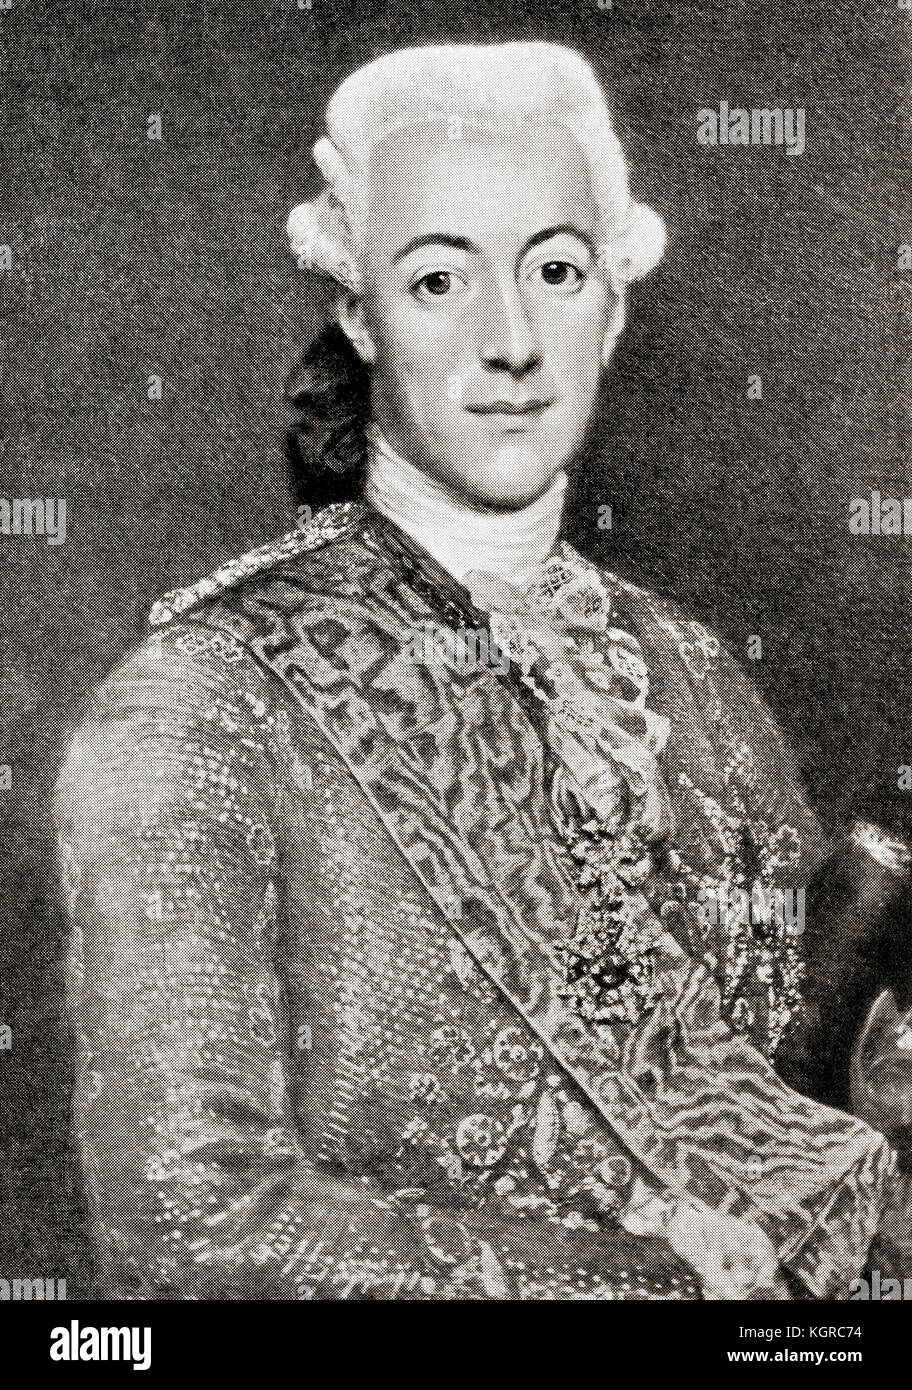 Gustavo III, 1746 - 1792. re di Svezia. Da hutchinson nella storia delle nazioni, pubblicato 1915. Immagini Stock